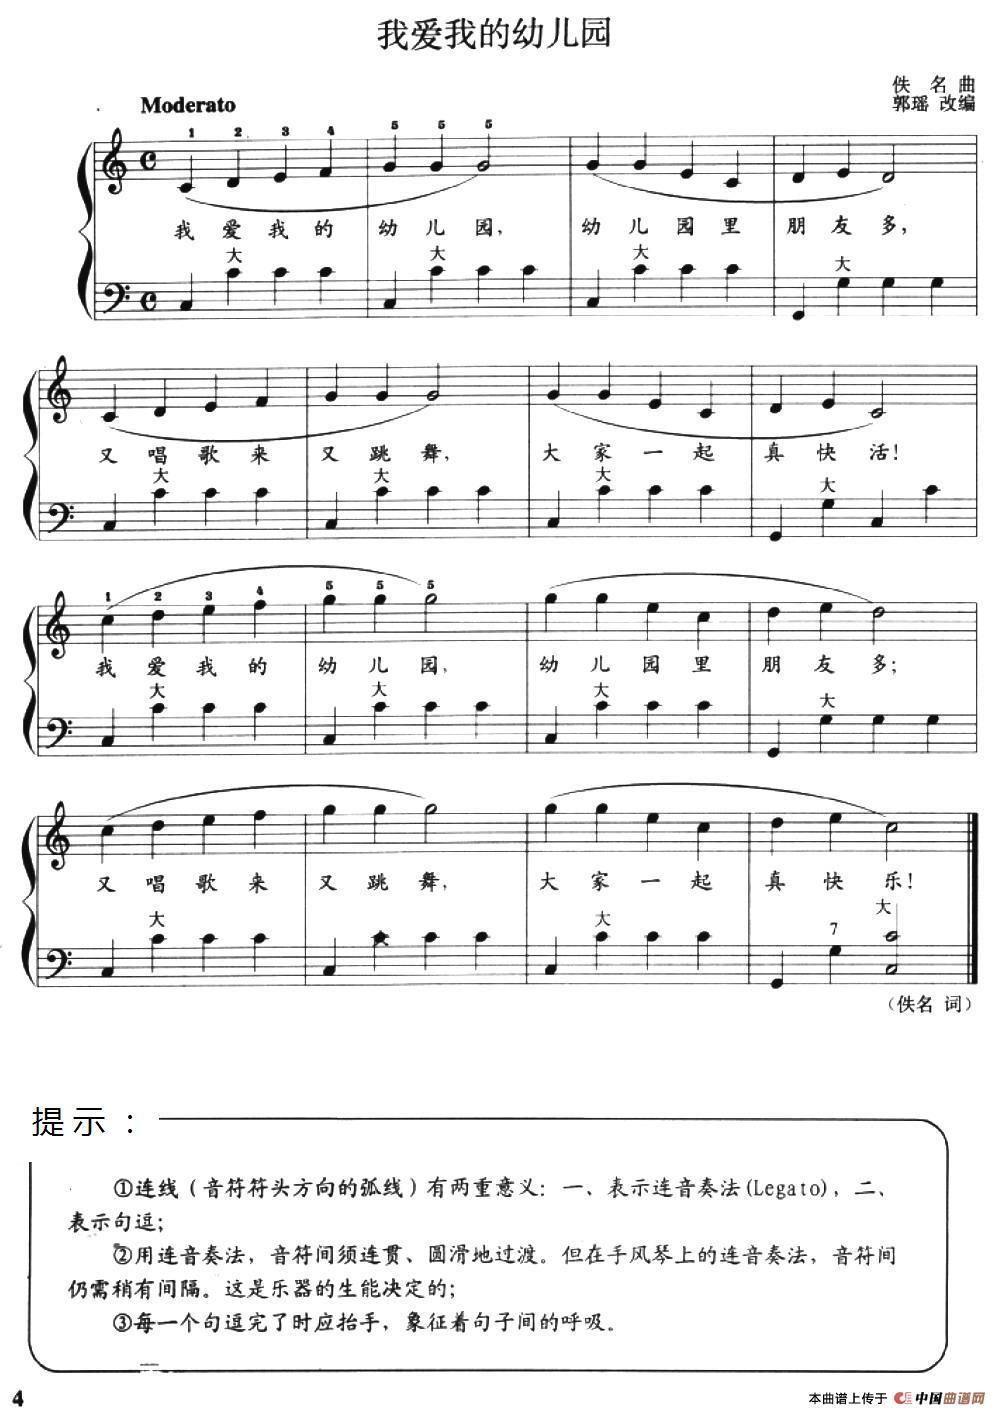 儿童手风琴曲:我爱我的幼儿园手风琴谱_器乐乐谱_中国